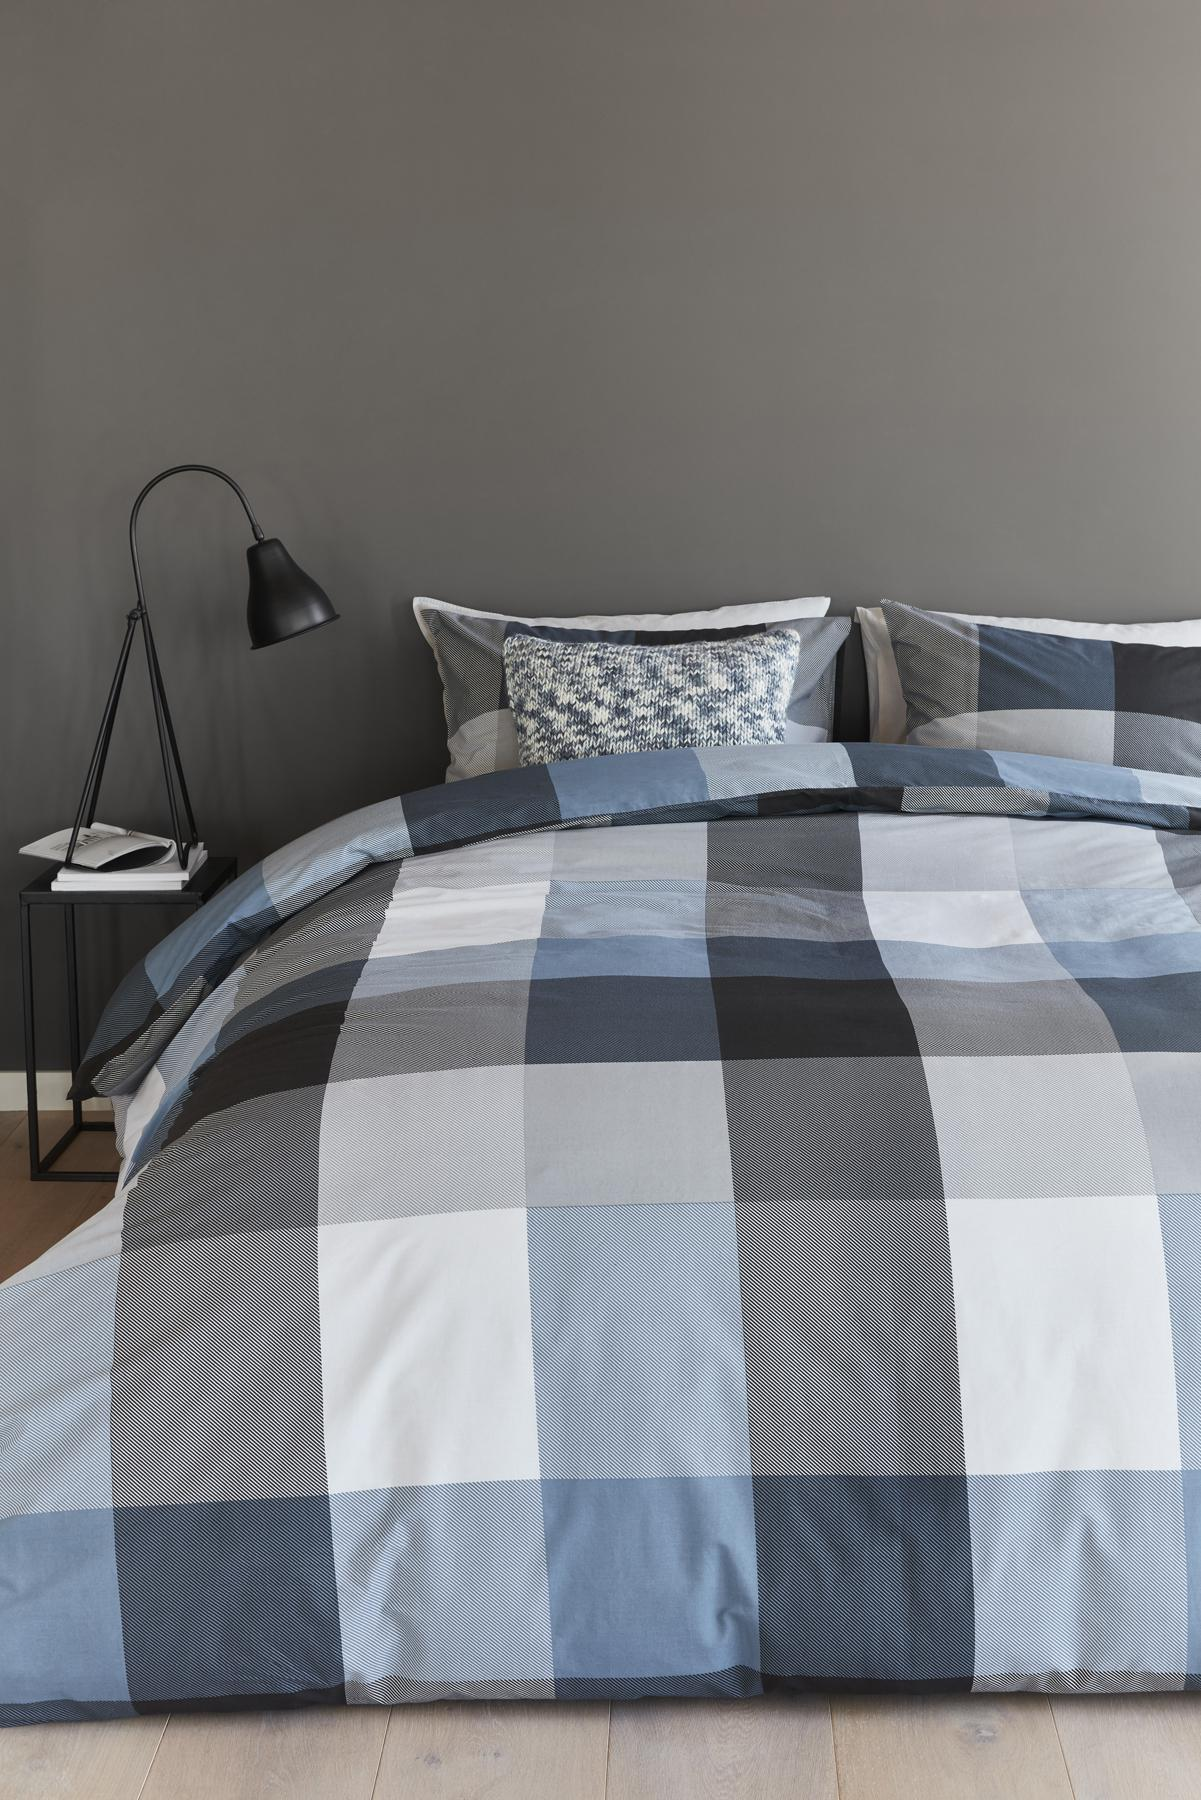 baumwoll bettw sche 135x200 clarck bluegrey beddinghouse 100 baumwolle kaufen bei betten. Black Bedroom Furniture Sets. Home Design Ideas